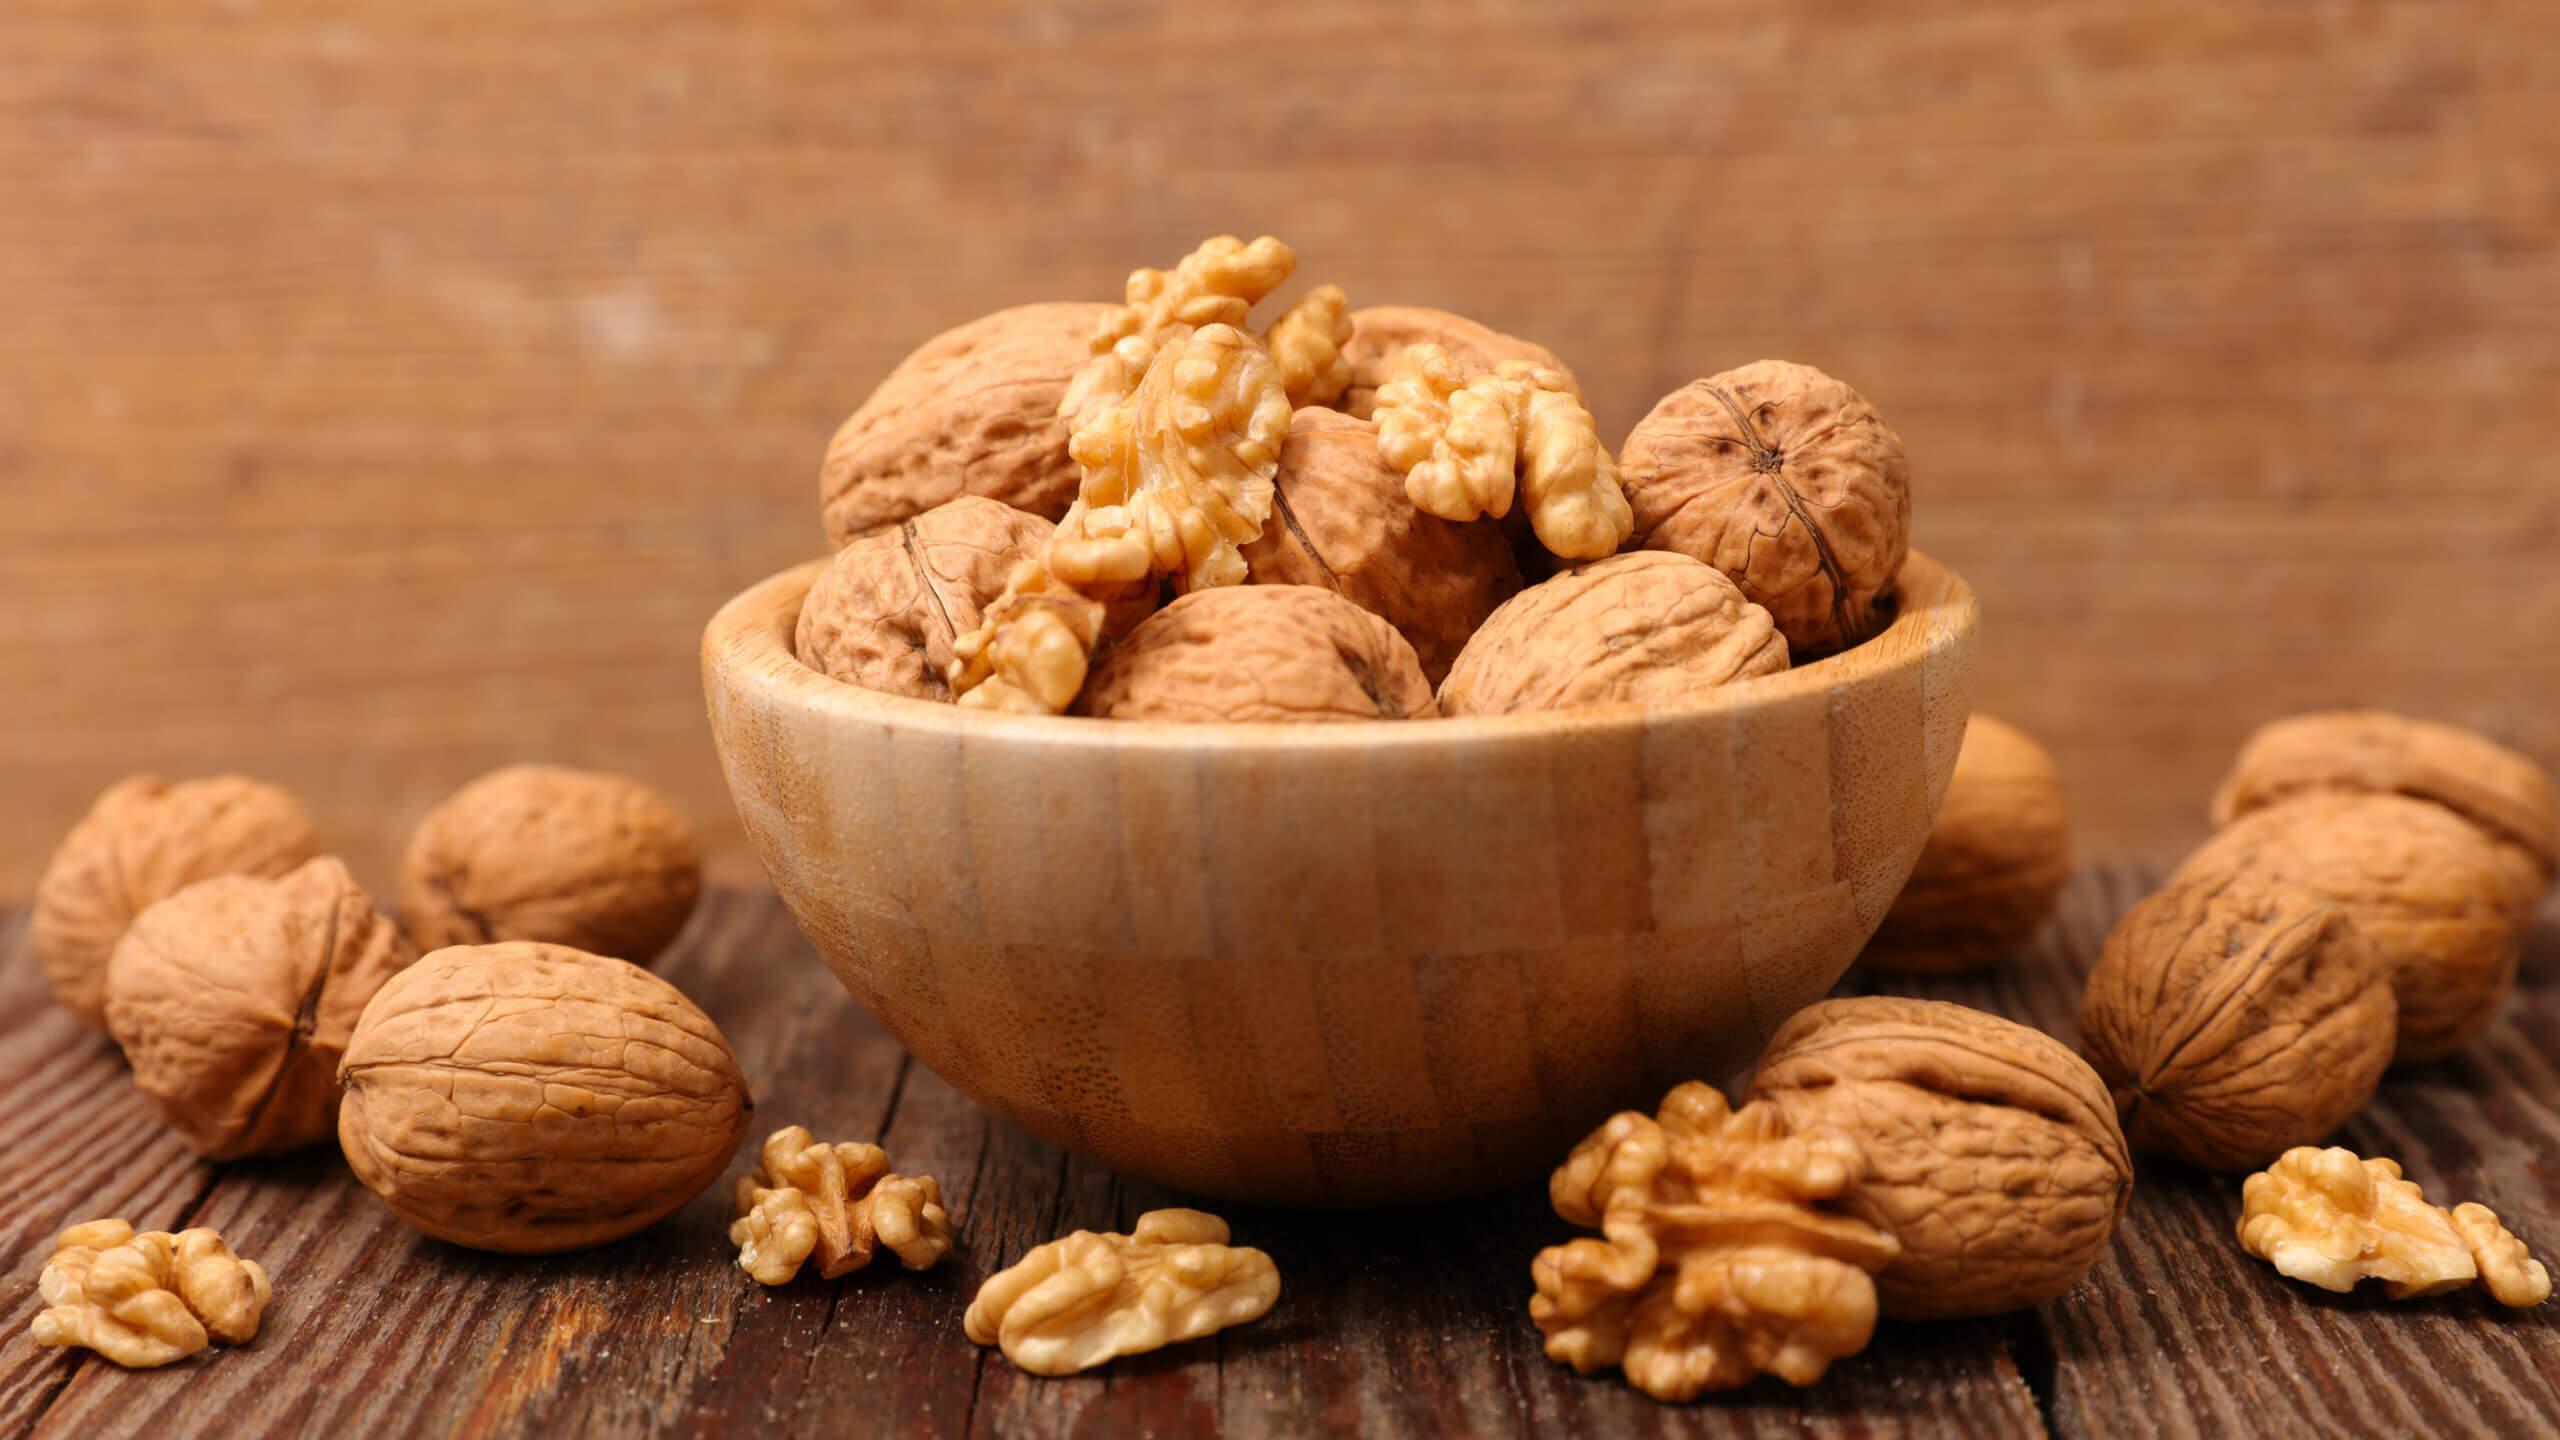 Las nueces son excelentes fuentes vegetales de ácidos grasos omega 3.